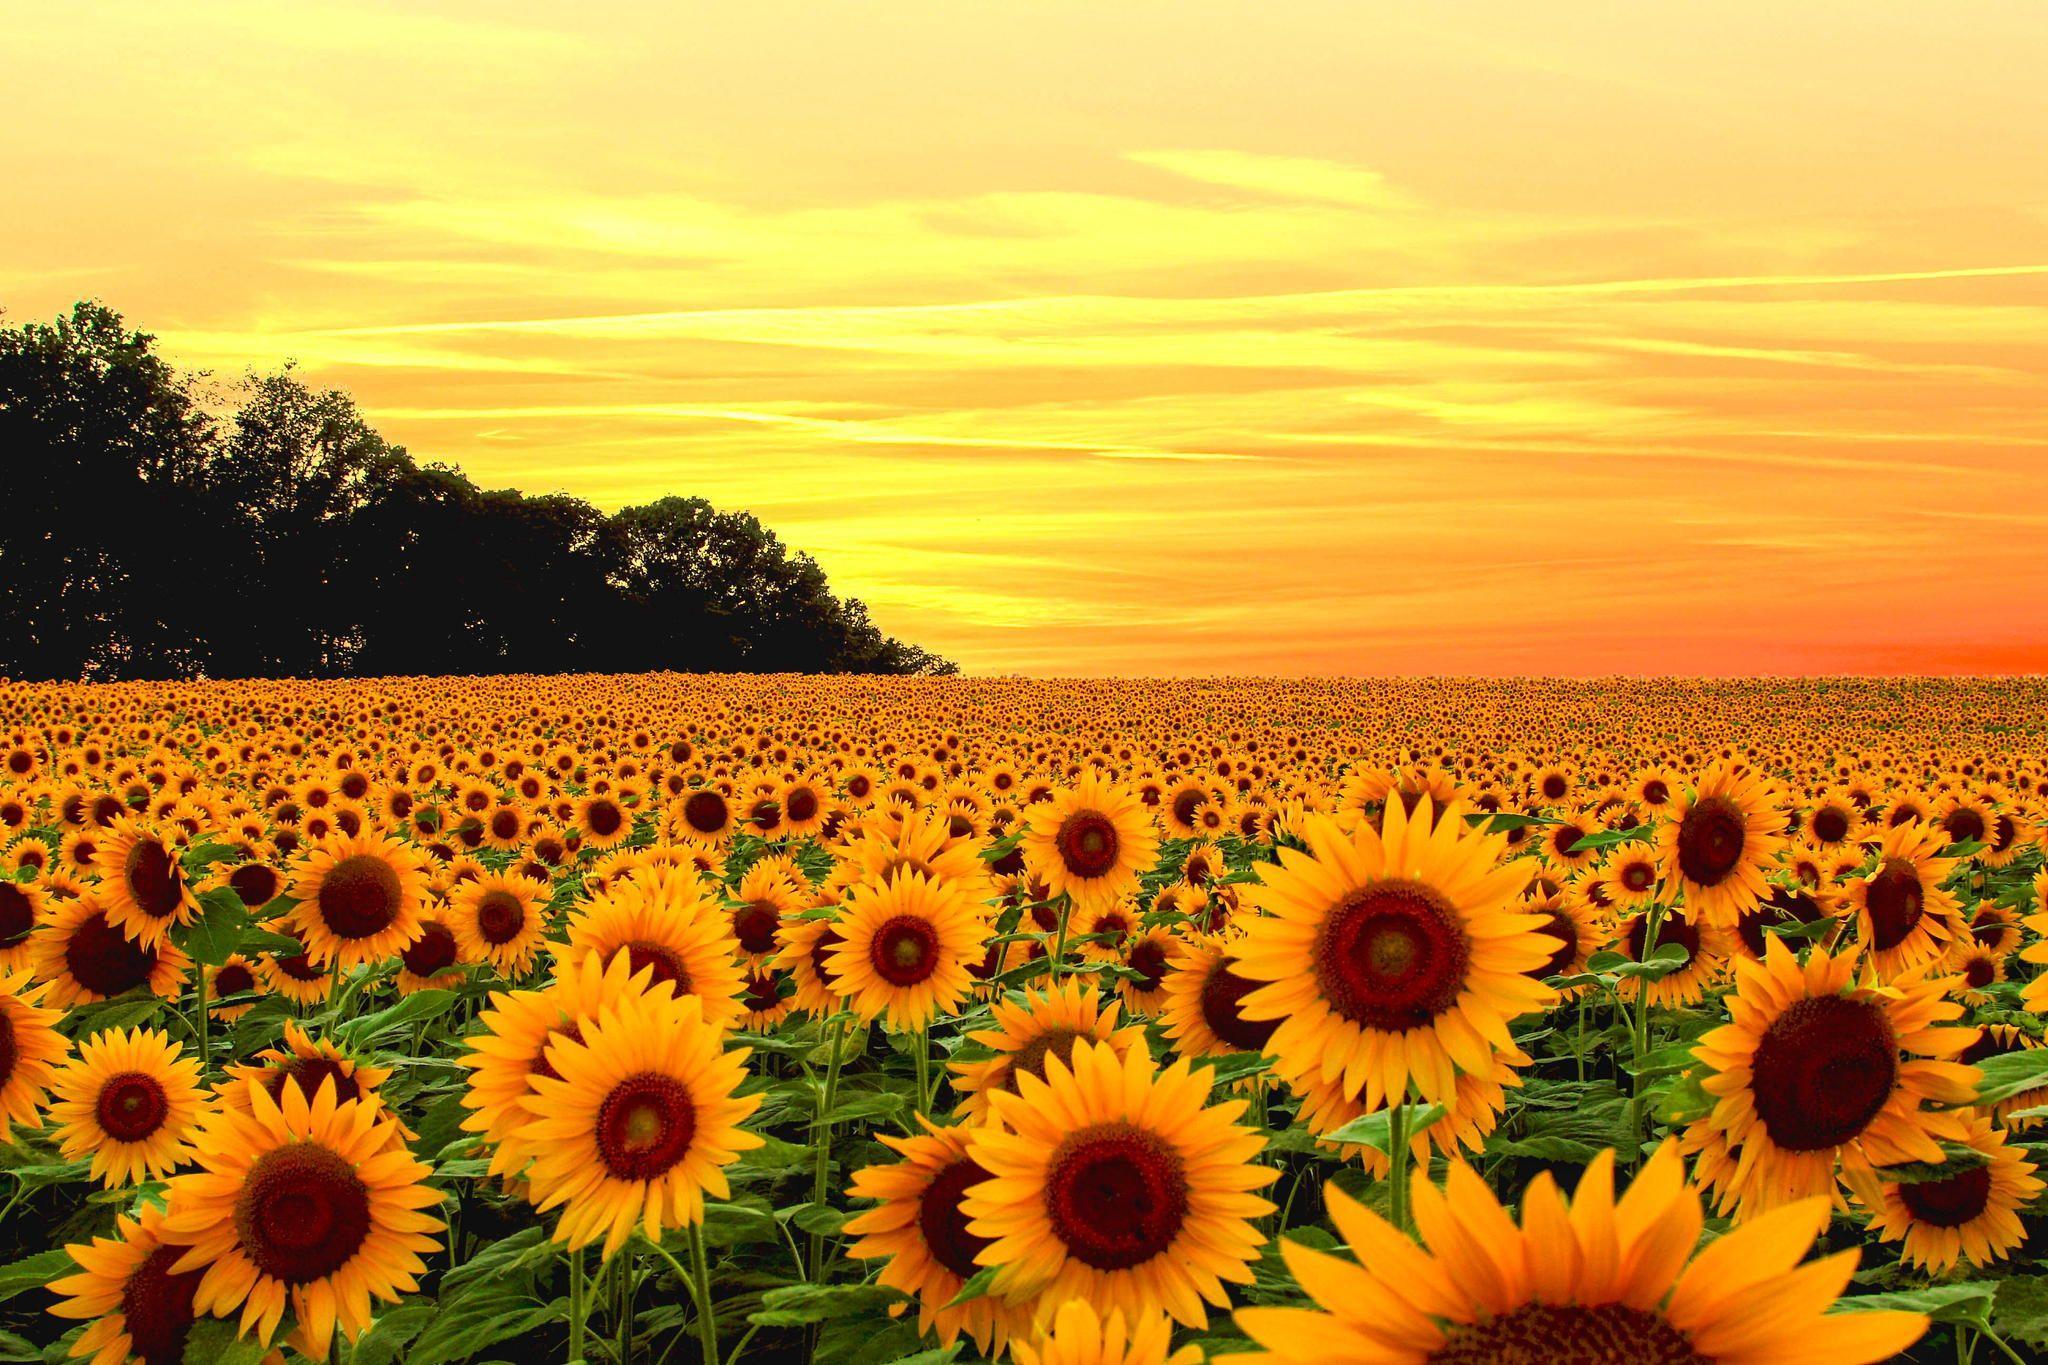 Sunflower Desktop Wallpapers Top Free Sunflower Desktop